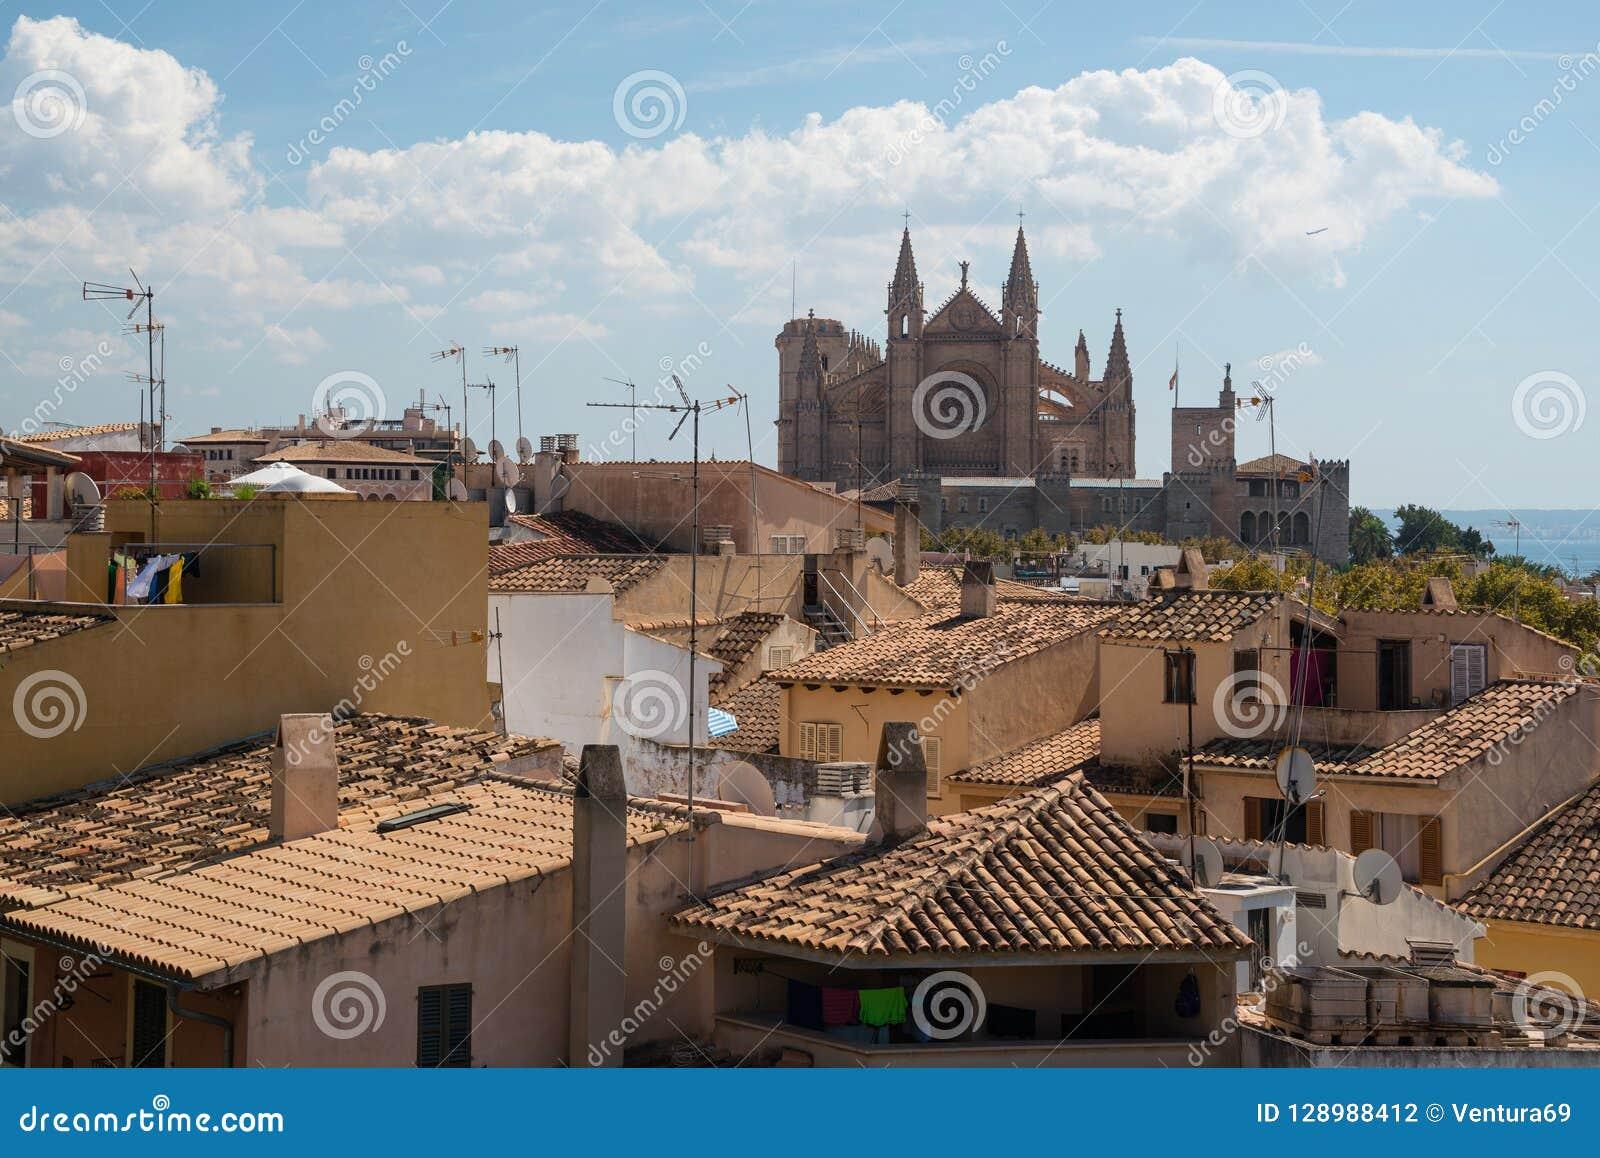 Berömd gotisk domkyrkaLa Seu, Palma de Mallorca, Spanien